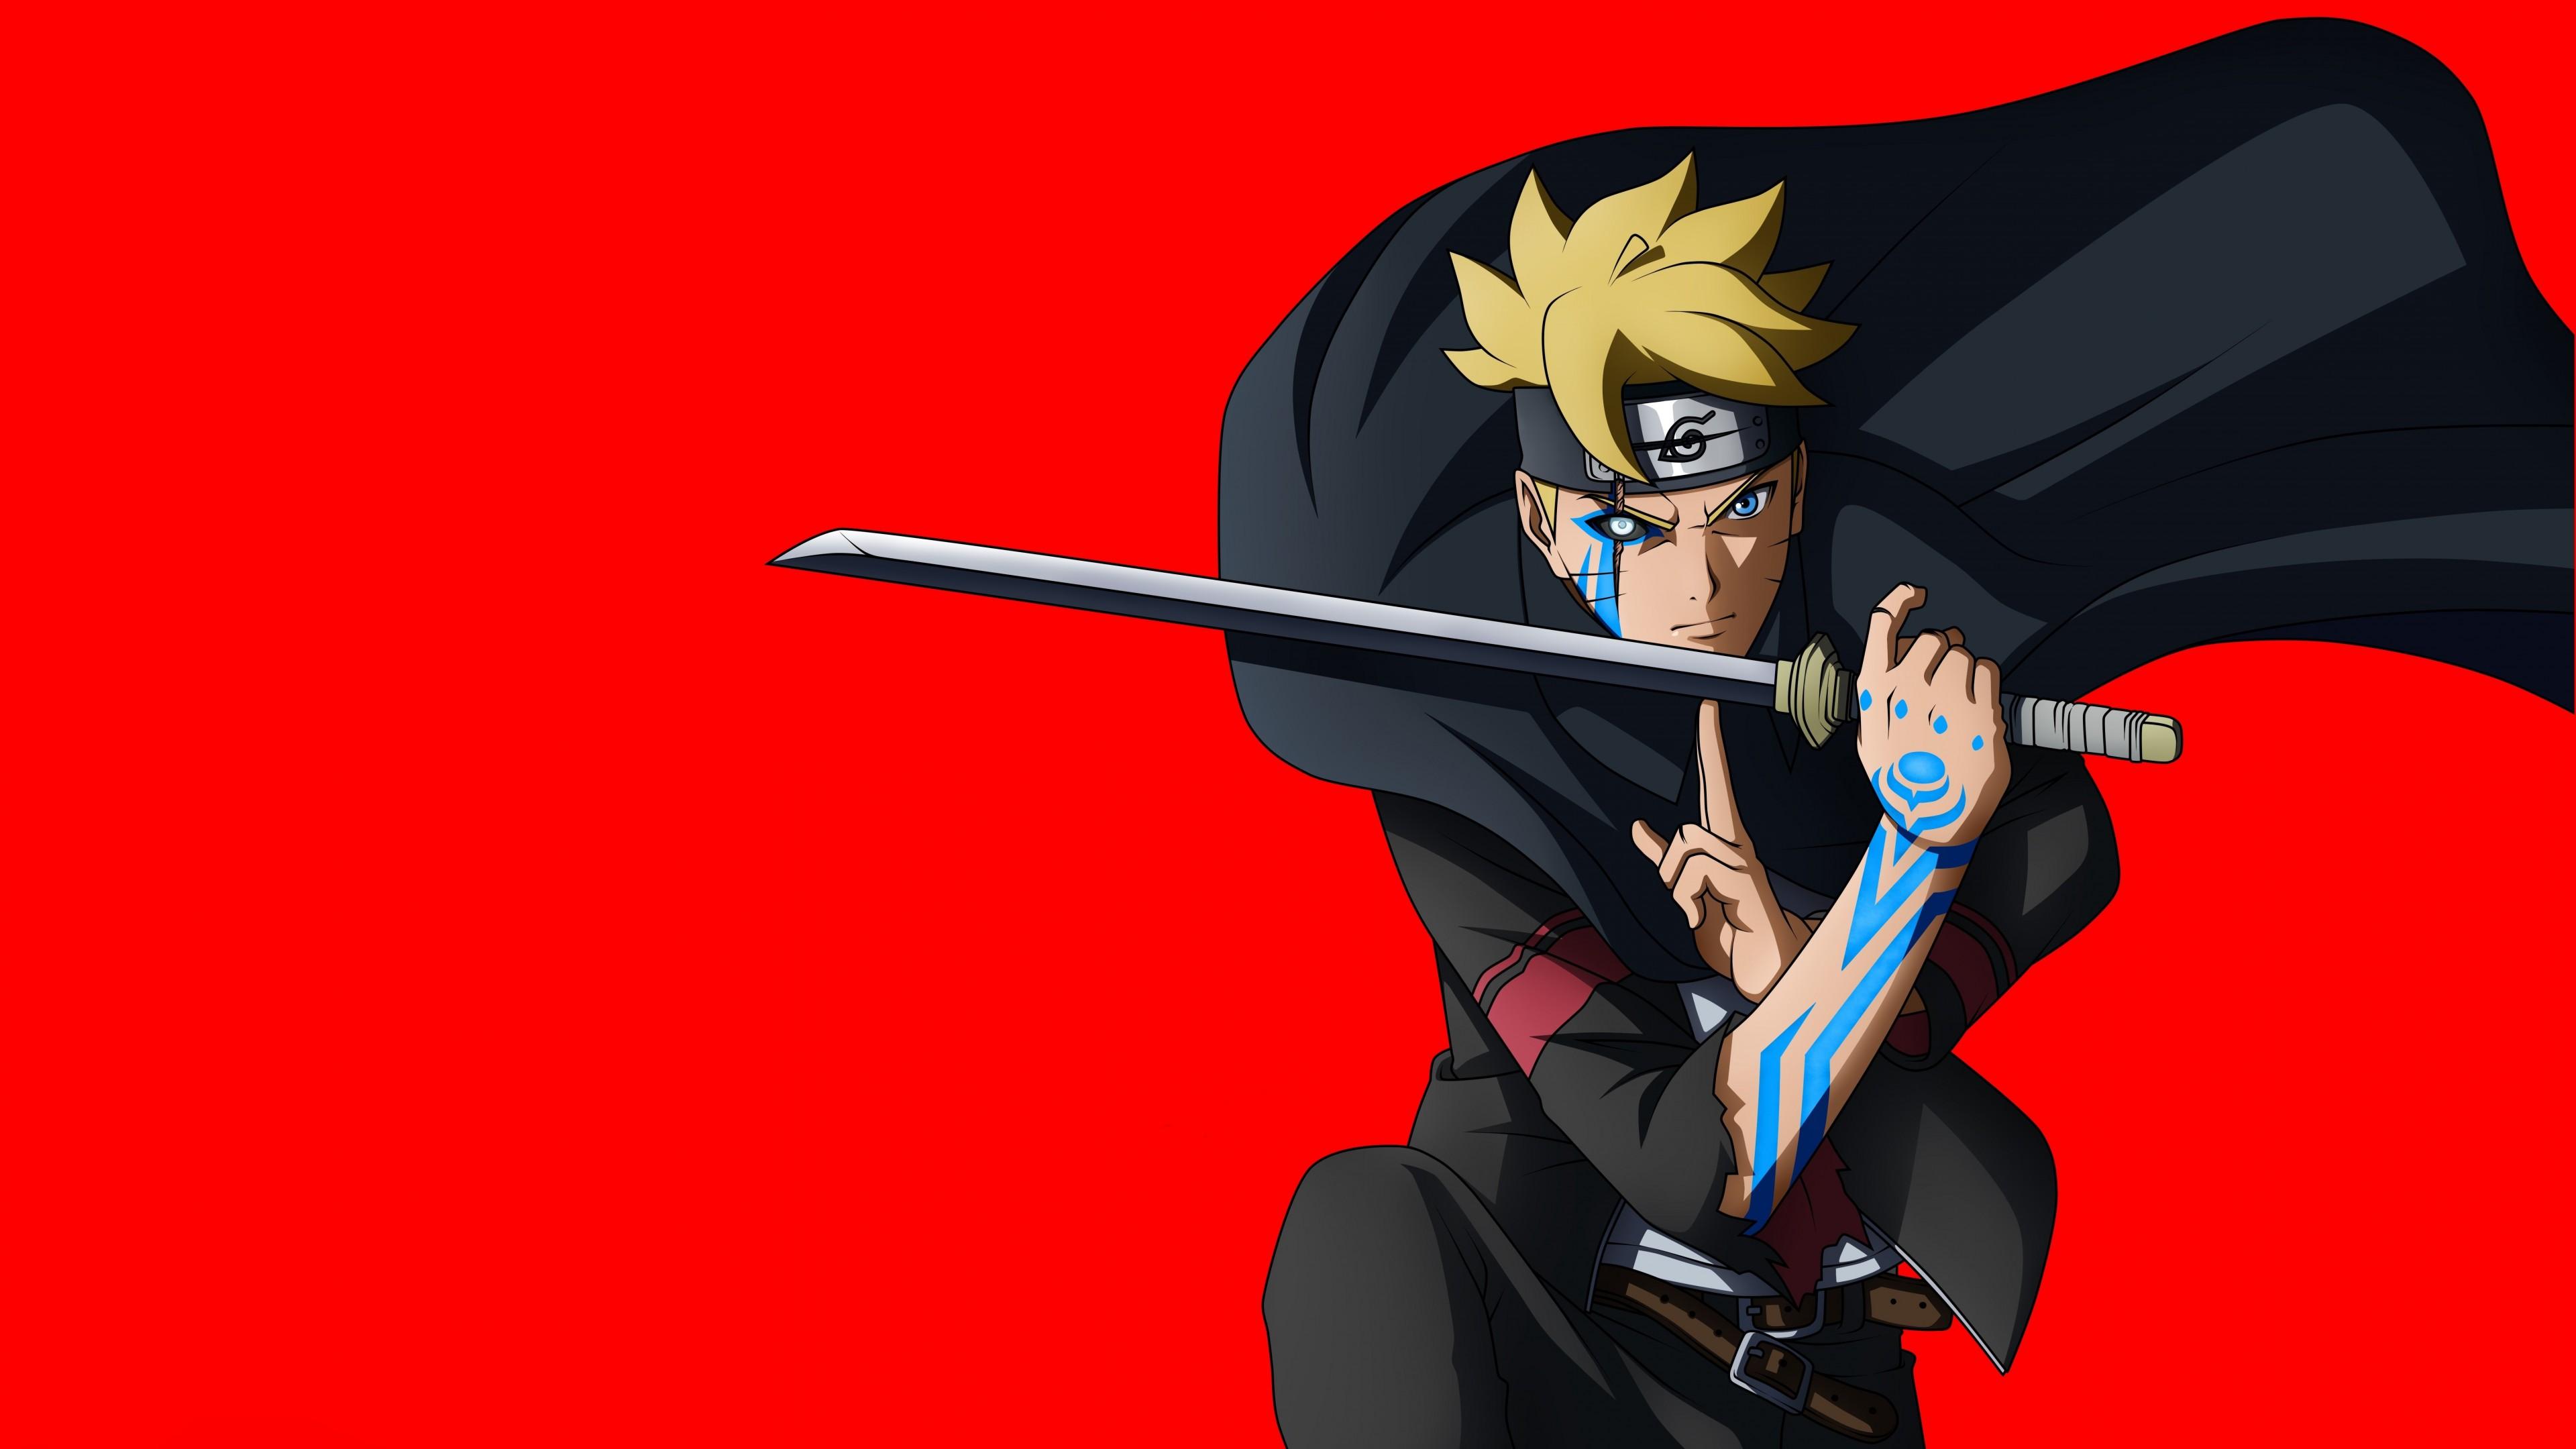 Главный герой аниме с ярко-желтыми волосами в черном костюме с мечом на красном фоне